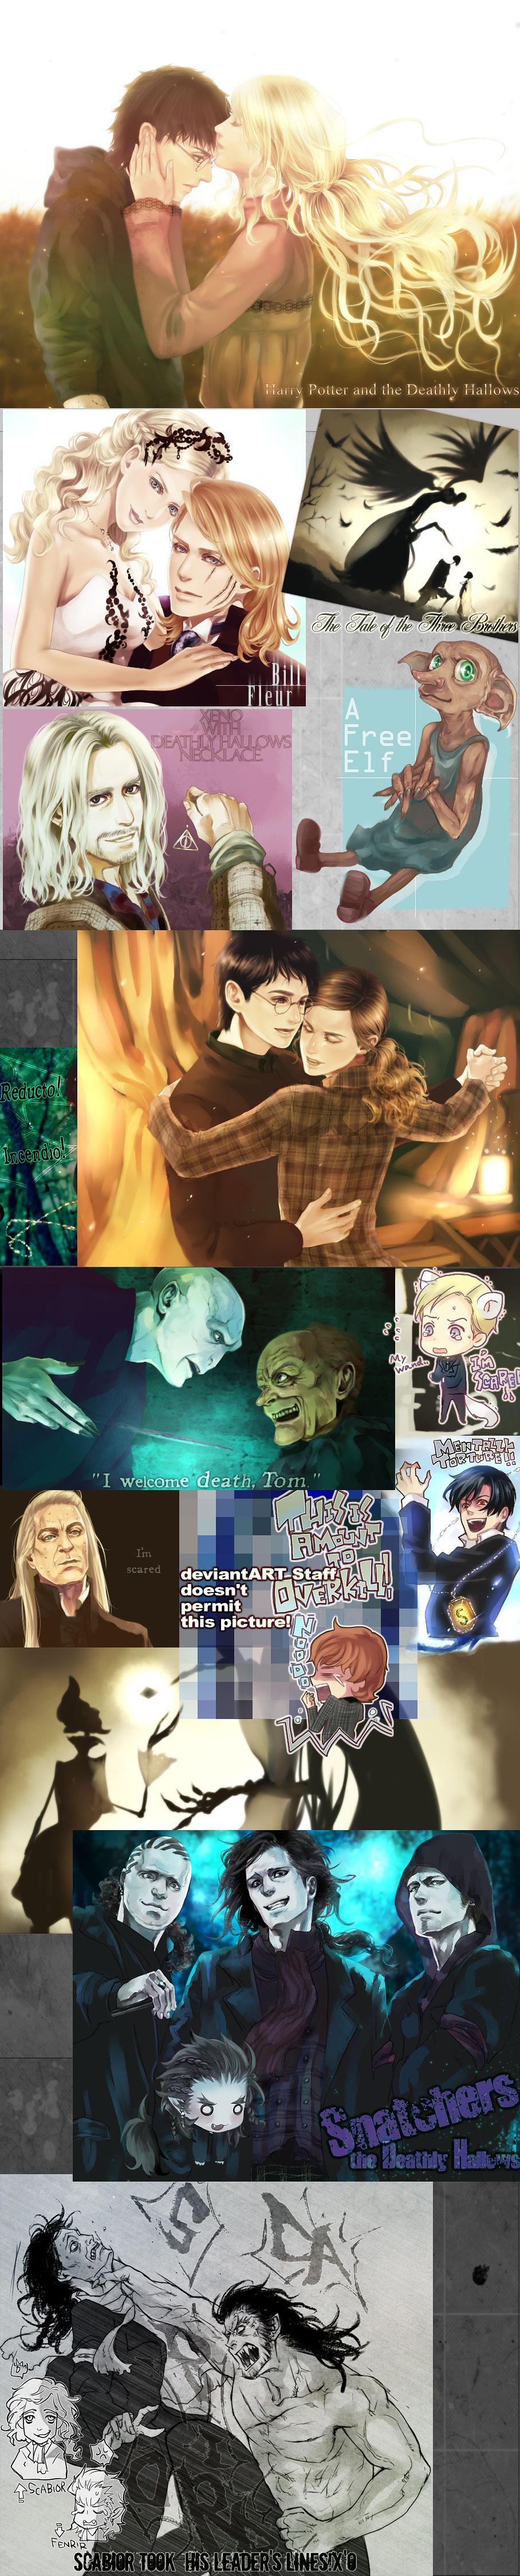 http://fc07.deviantart.net/fs71/f/2010/338/7/b/the_deathly_hallows_by_flayu-d348z32.jpg